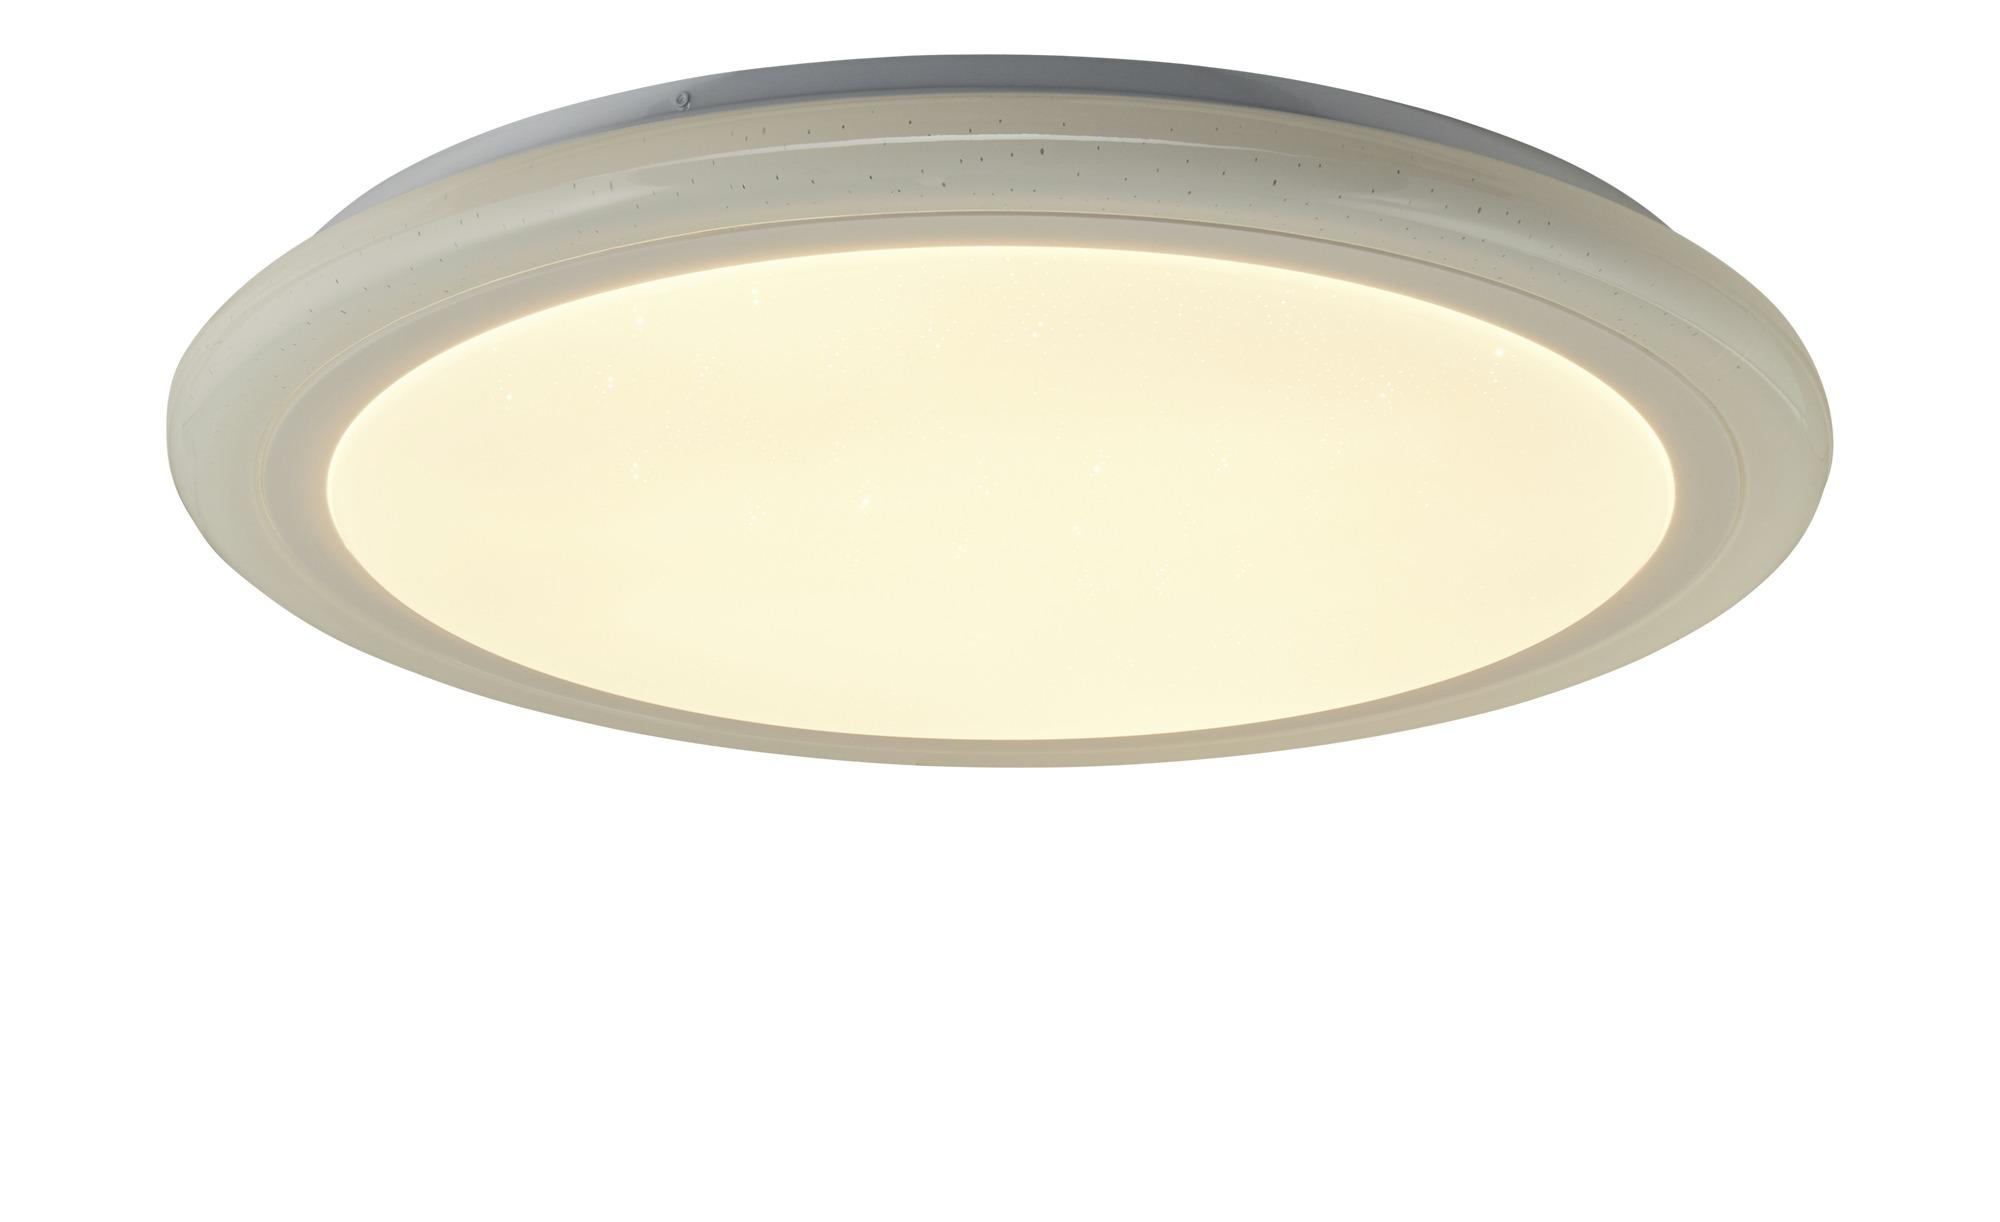 KHG LED-Deckenleuchte mit Fernbedienung ¦ weiß ¦ Maße (cm): H: 7 Ø: 60 Lampen & Leuchten > Innenleuchten > Deckenleuchten - Höffner